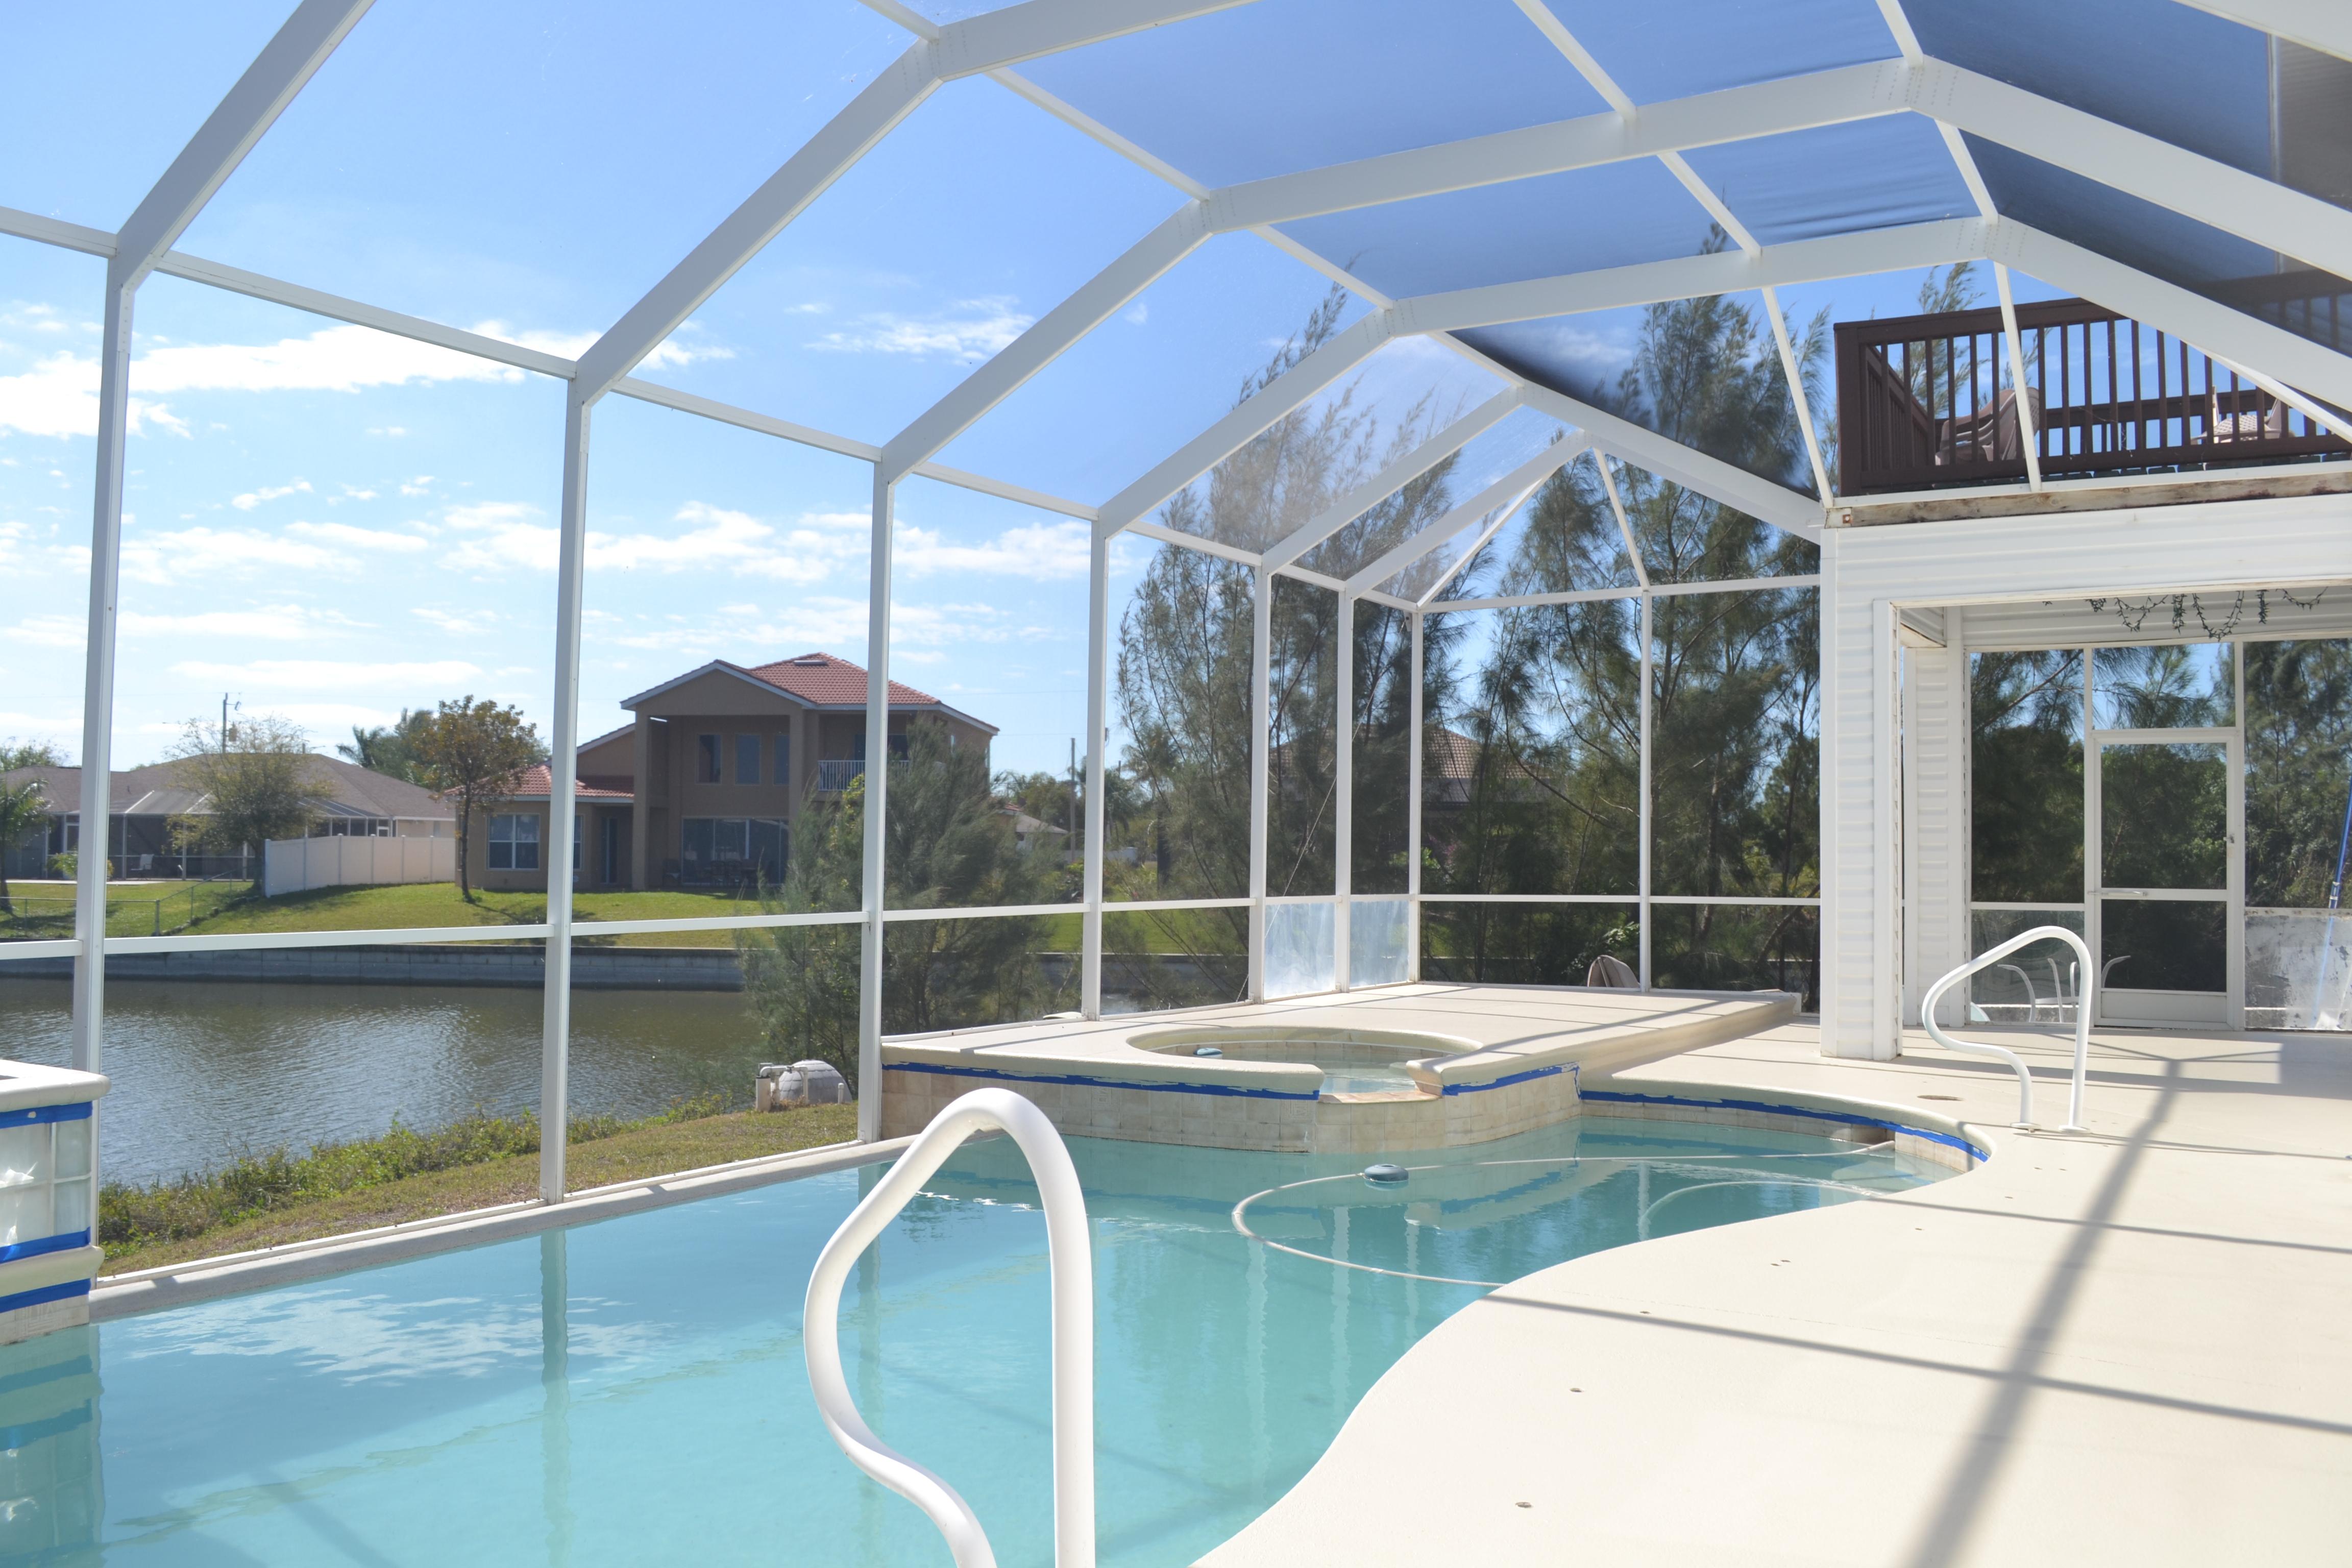 Pool deck painted